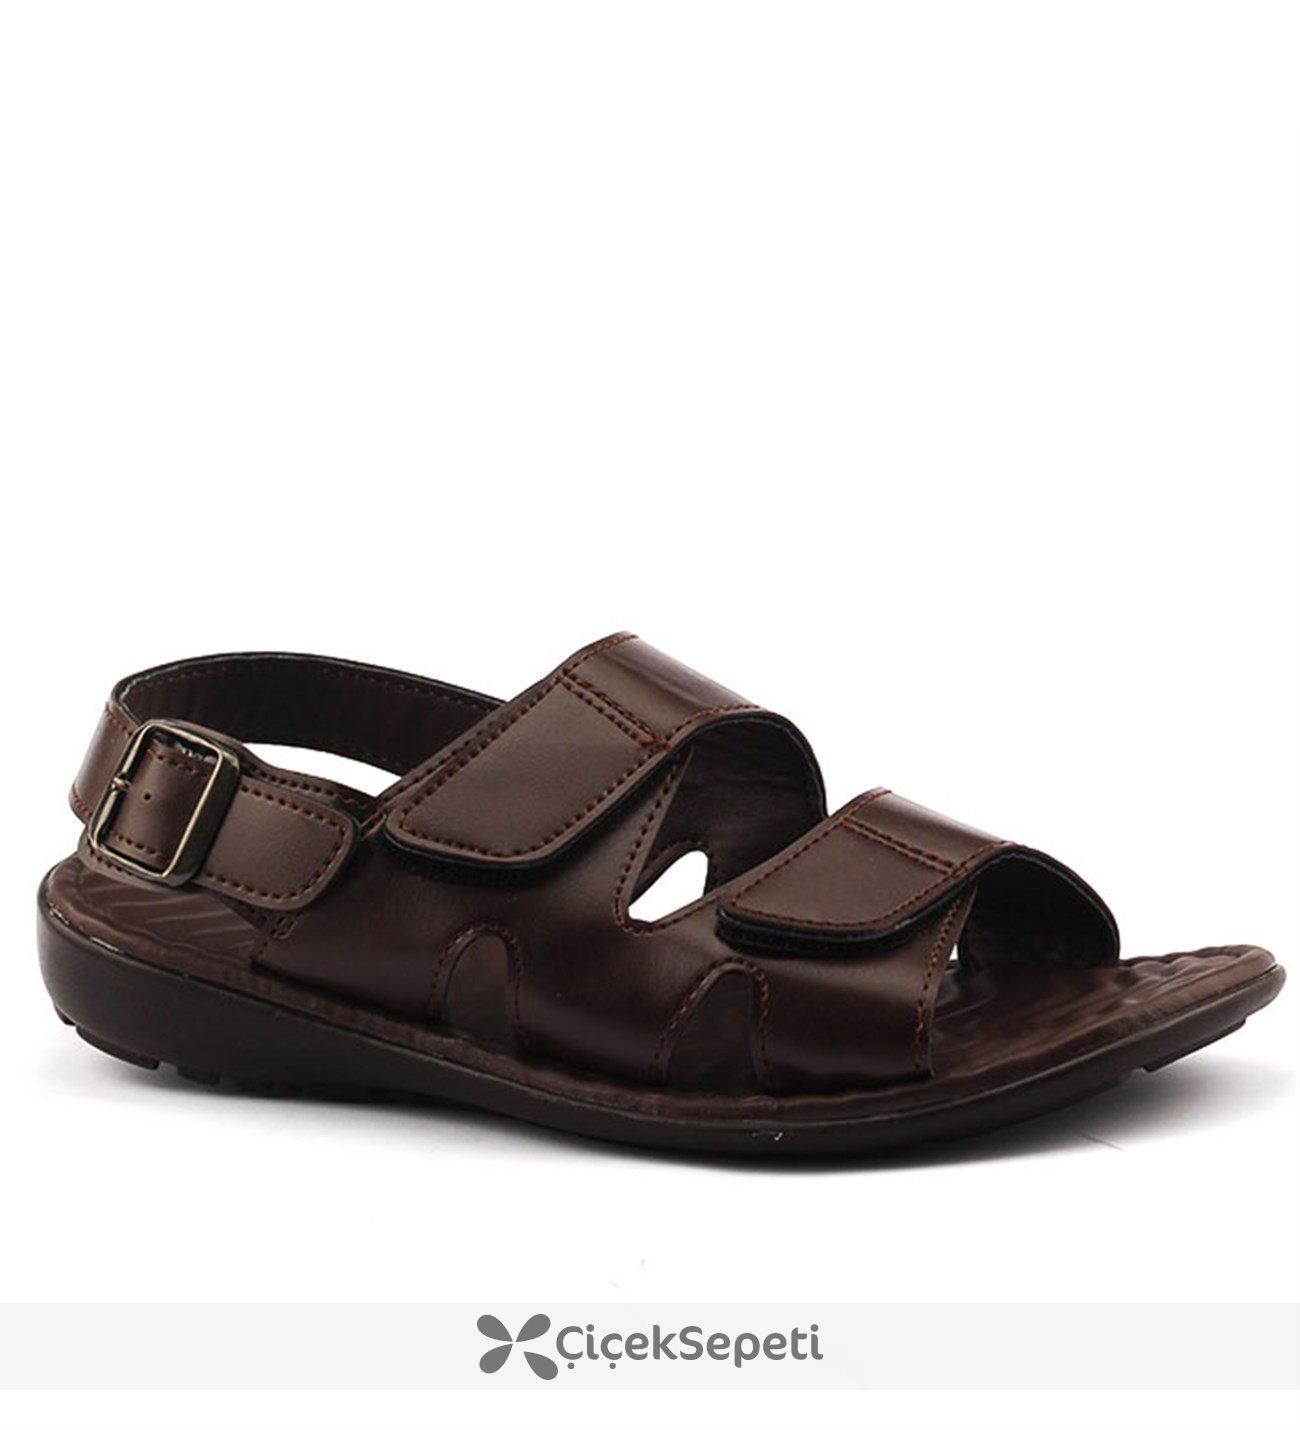 Muya 95030 Kahverengi Günlük Yumuşak Rahat Taban Erkek Sandalet Kahverengi